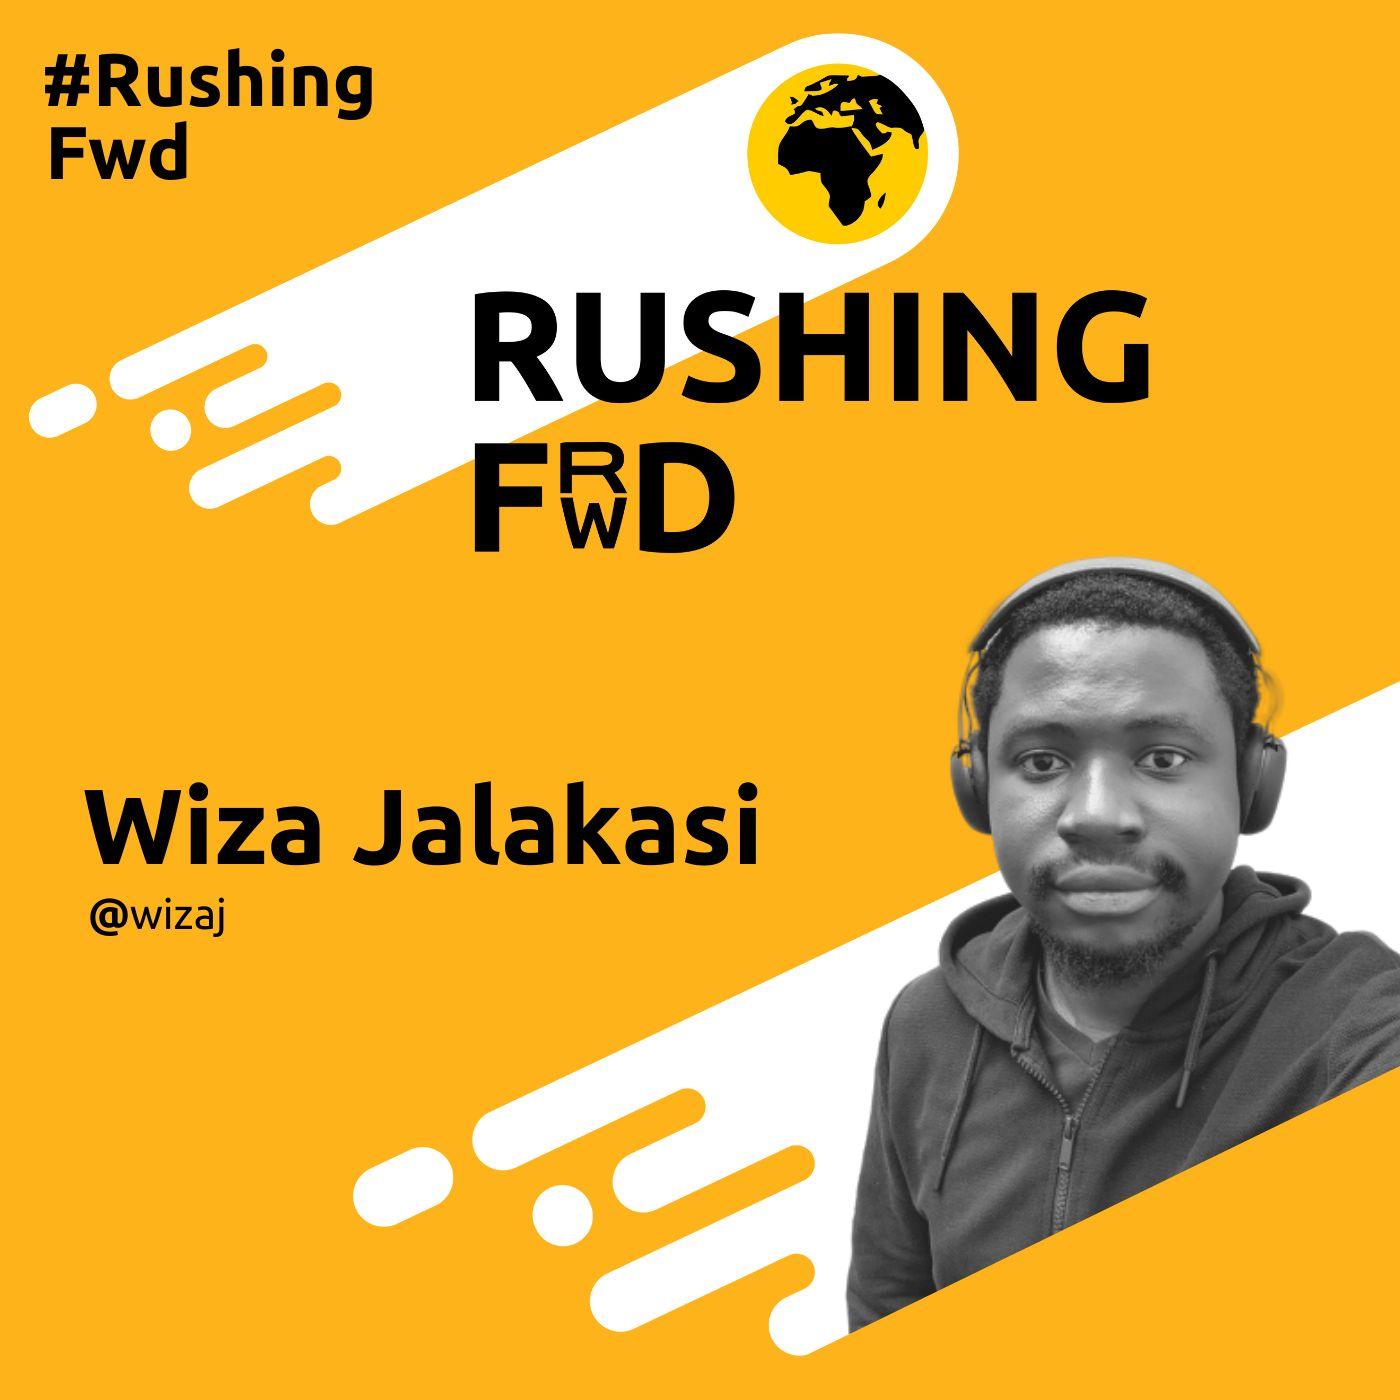 Wiza Jalakasi: Dream Chasing and a Post COVID-19 World